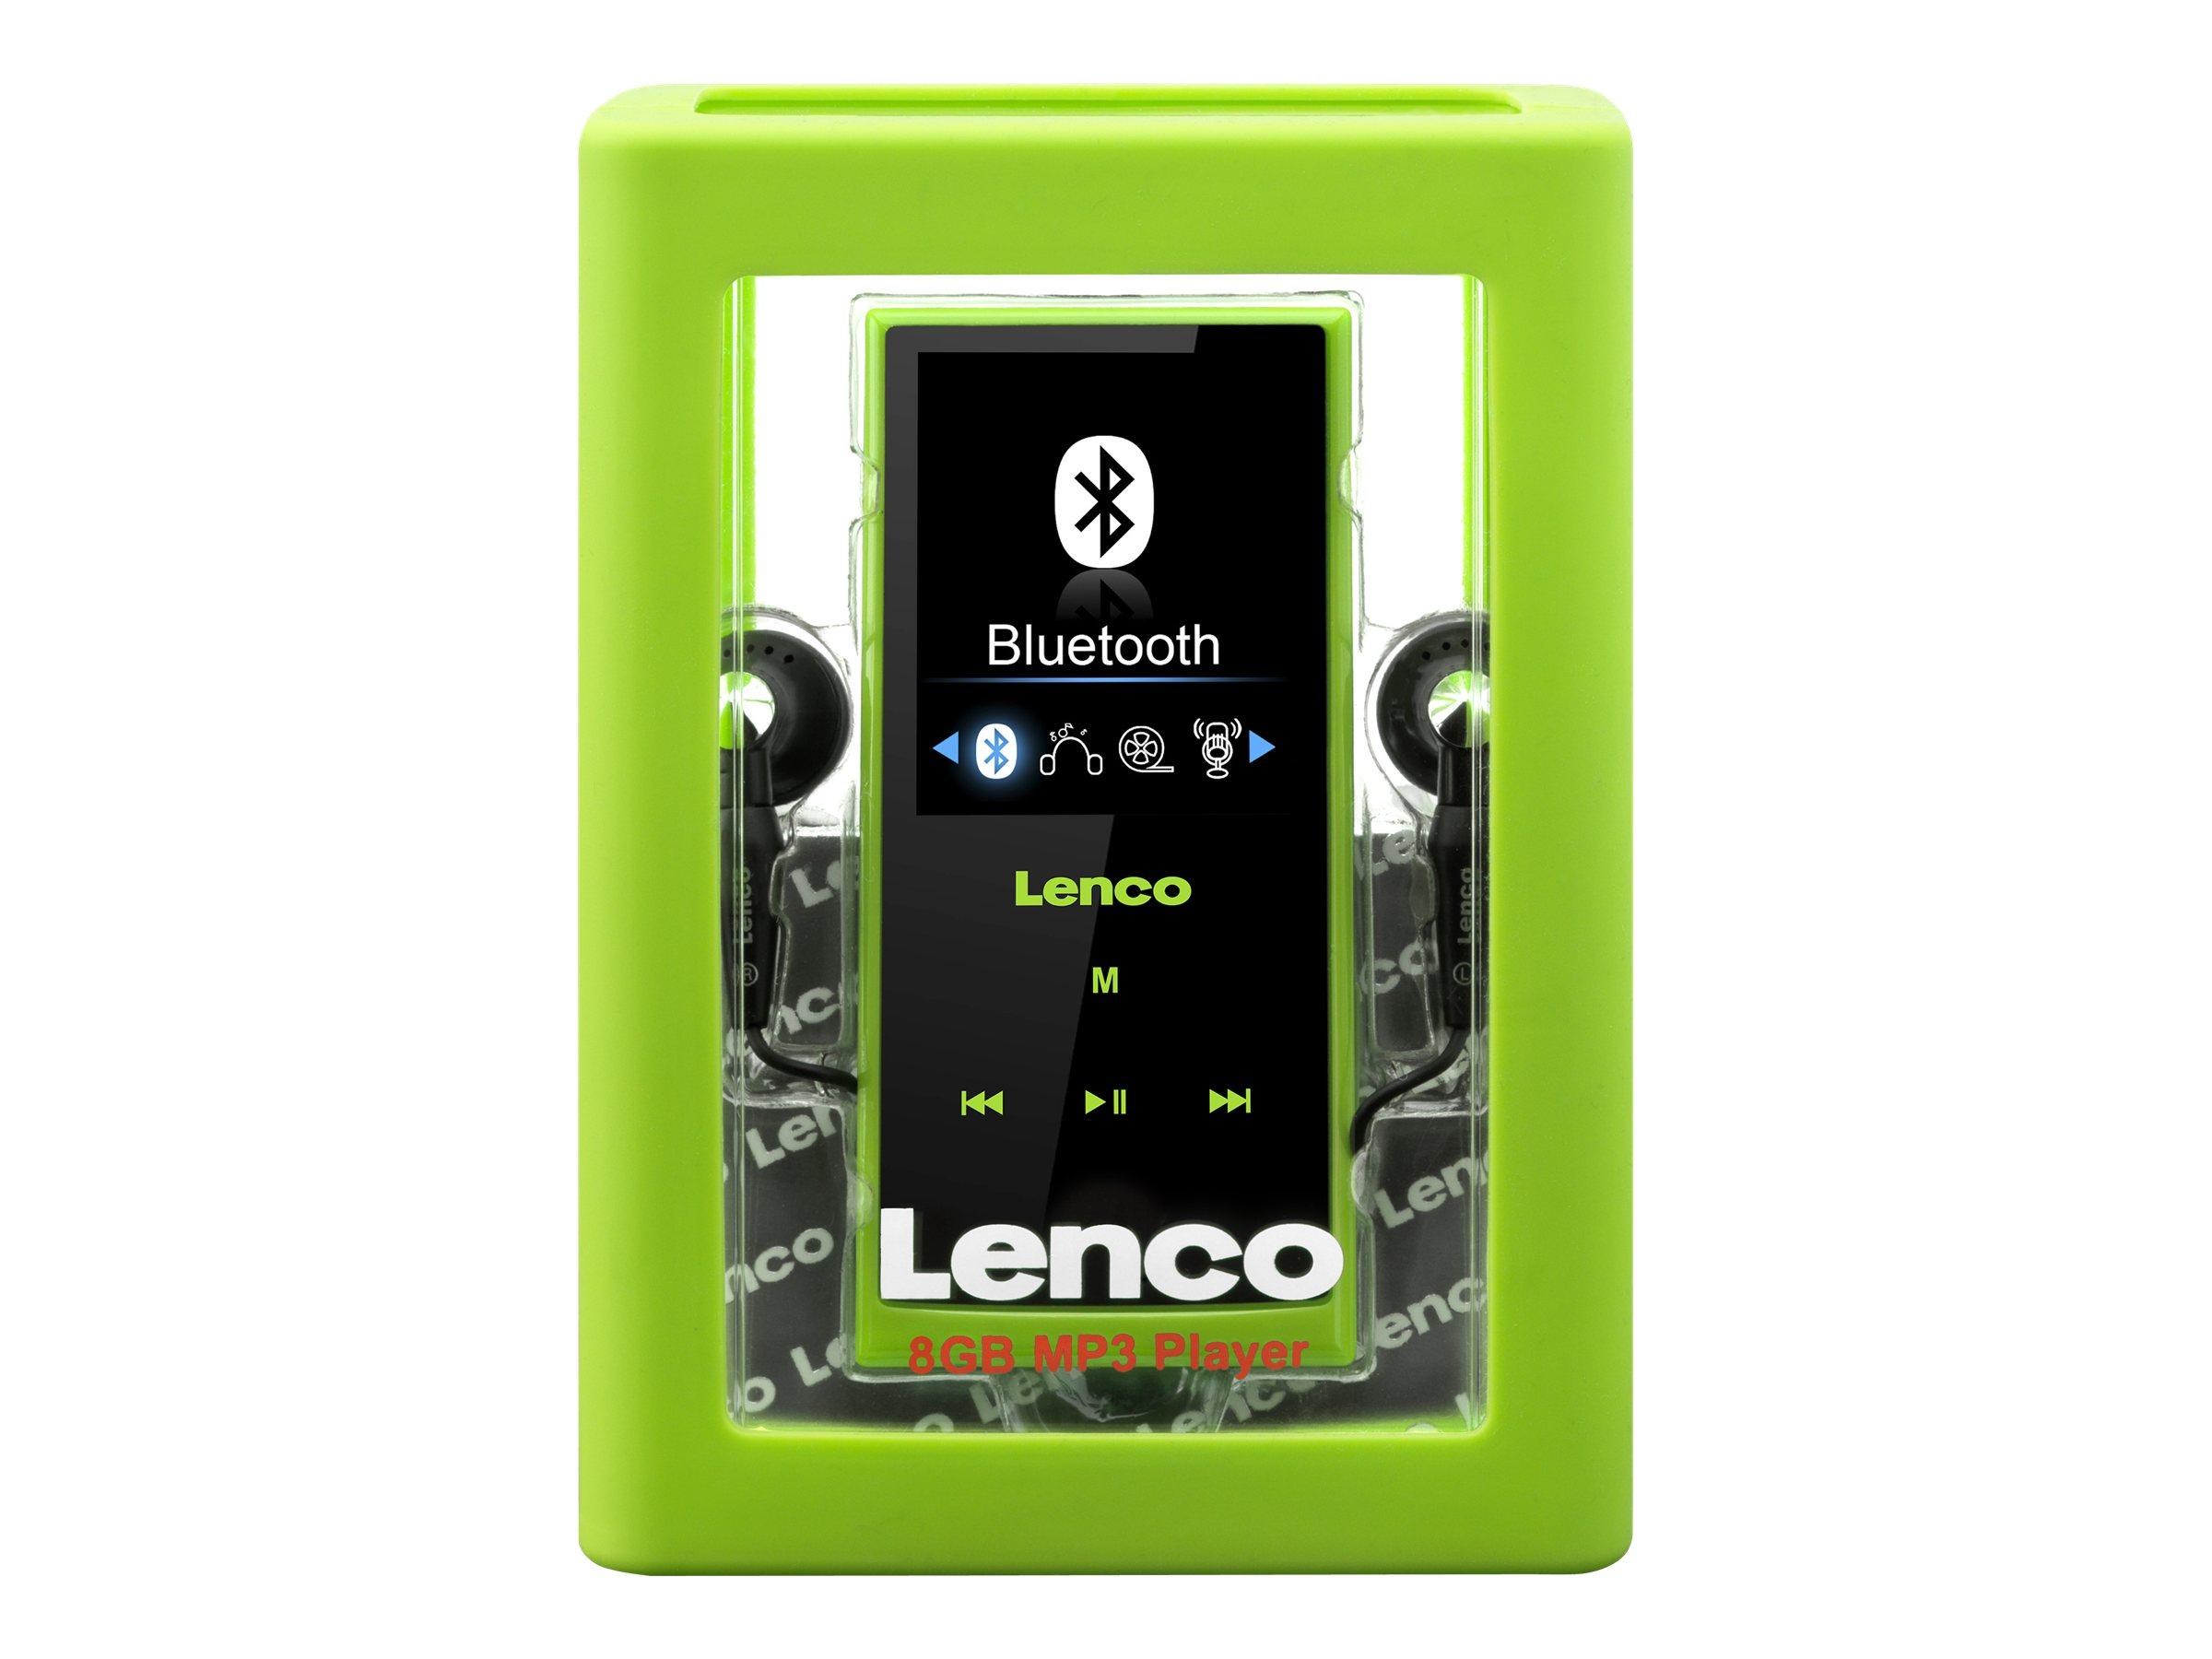 Lenco XEMIO-760 BT - Digital Player - 8 GB - grün